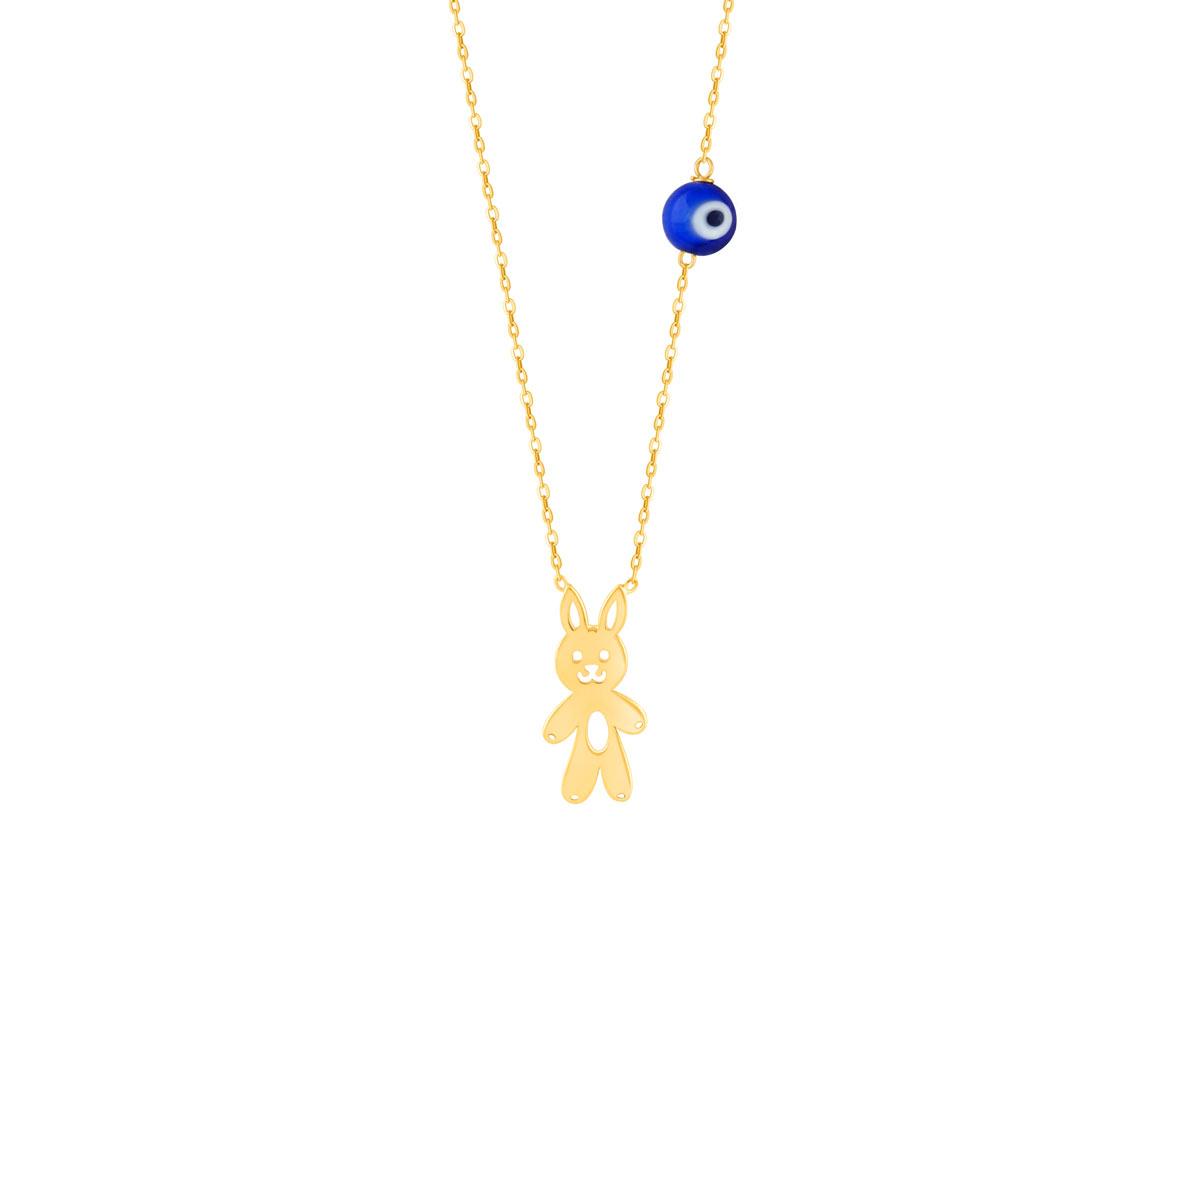 گردنبند طلا بچه گانه خرگوش